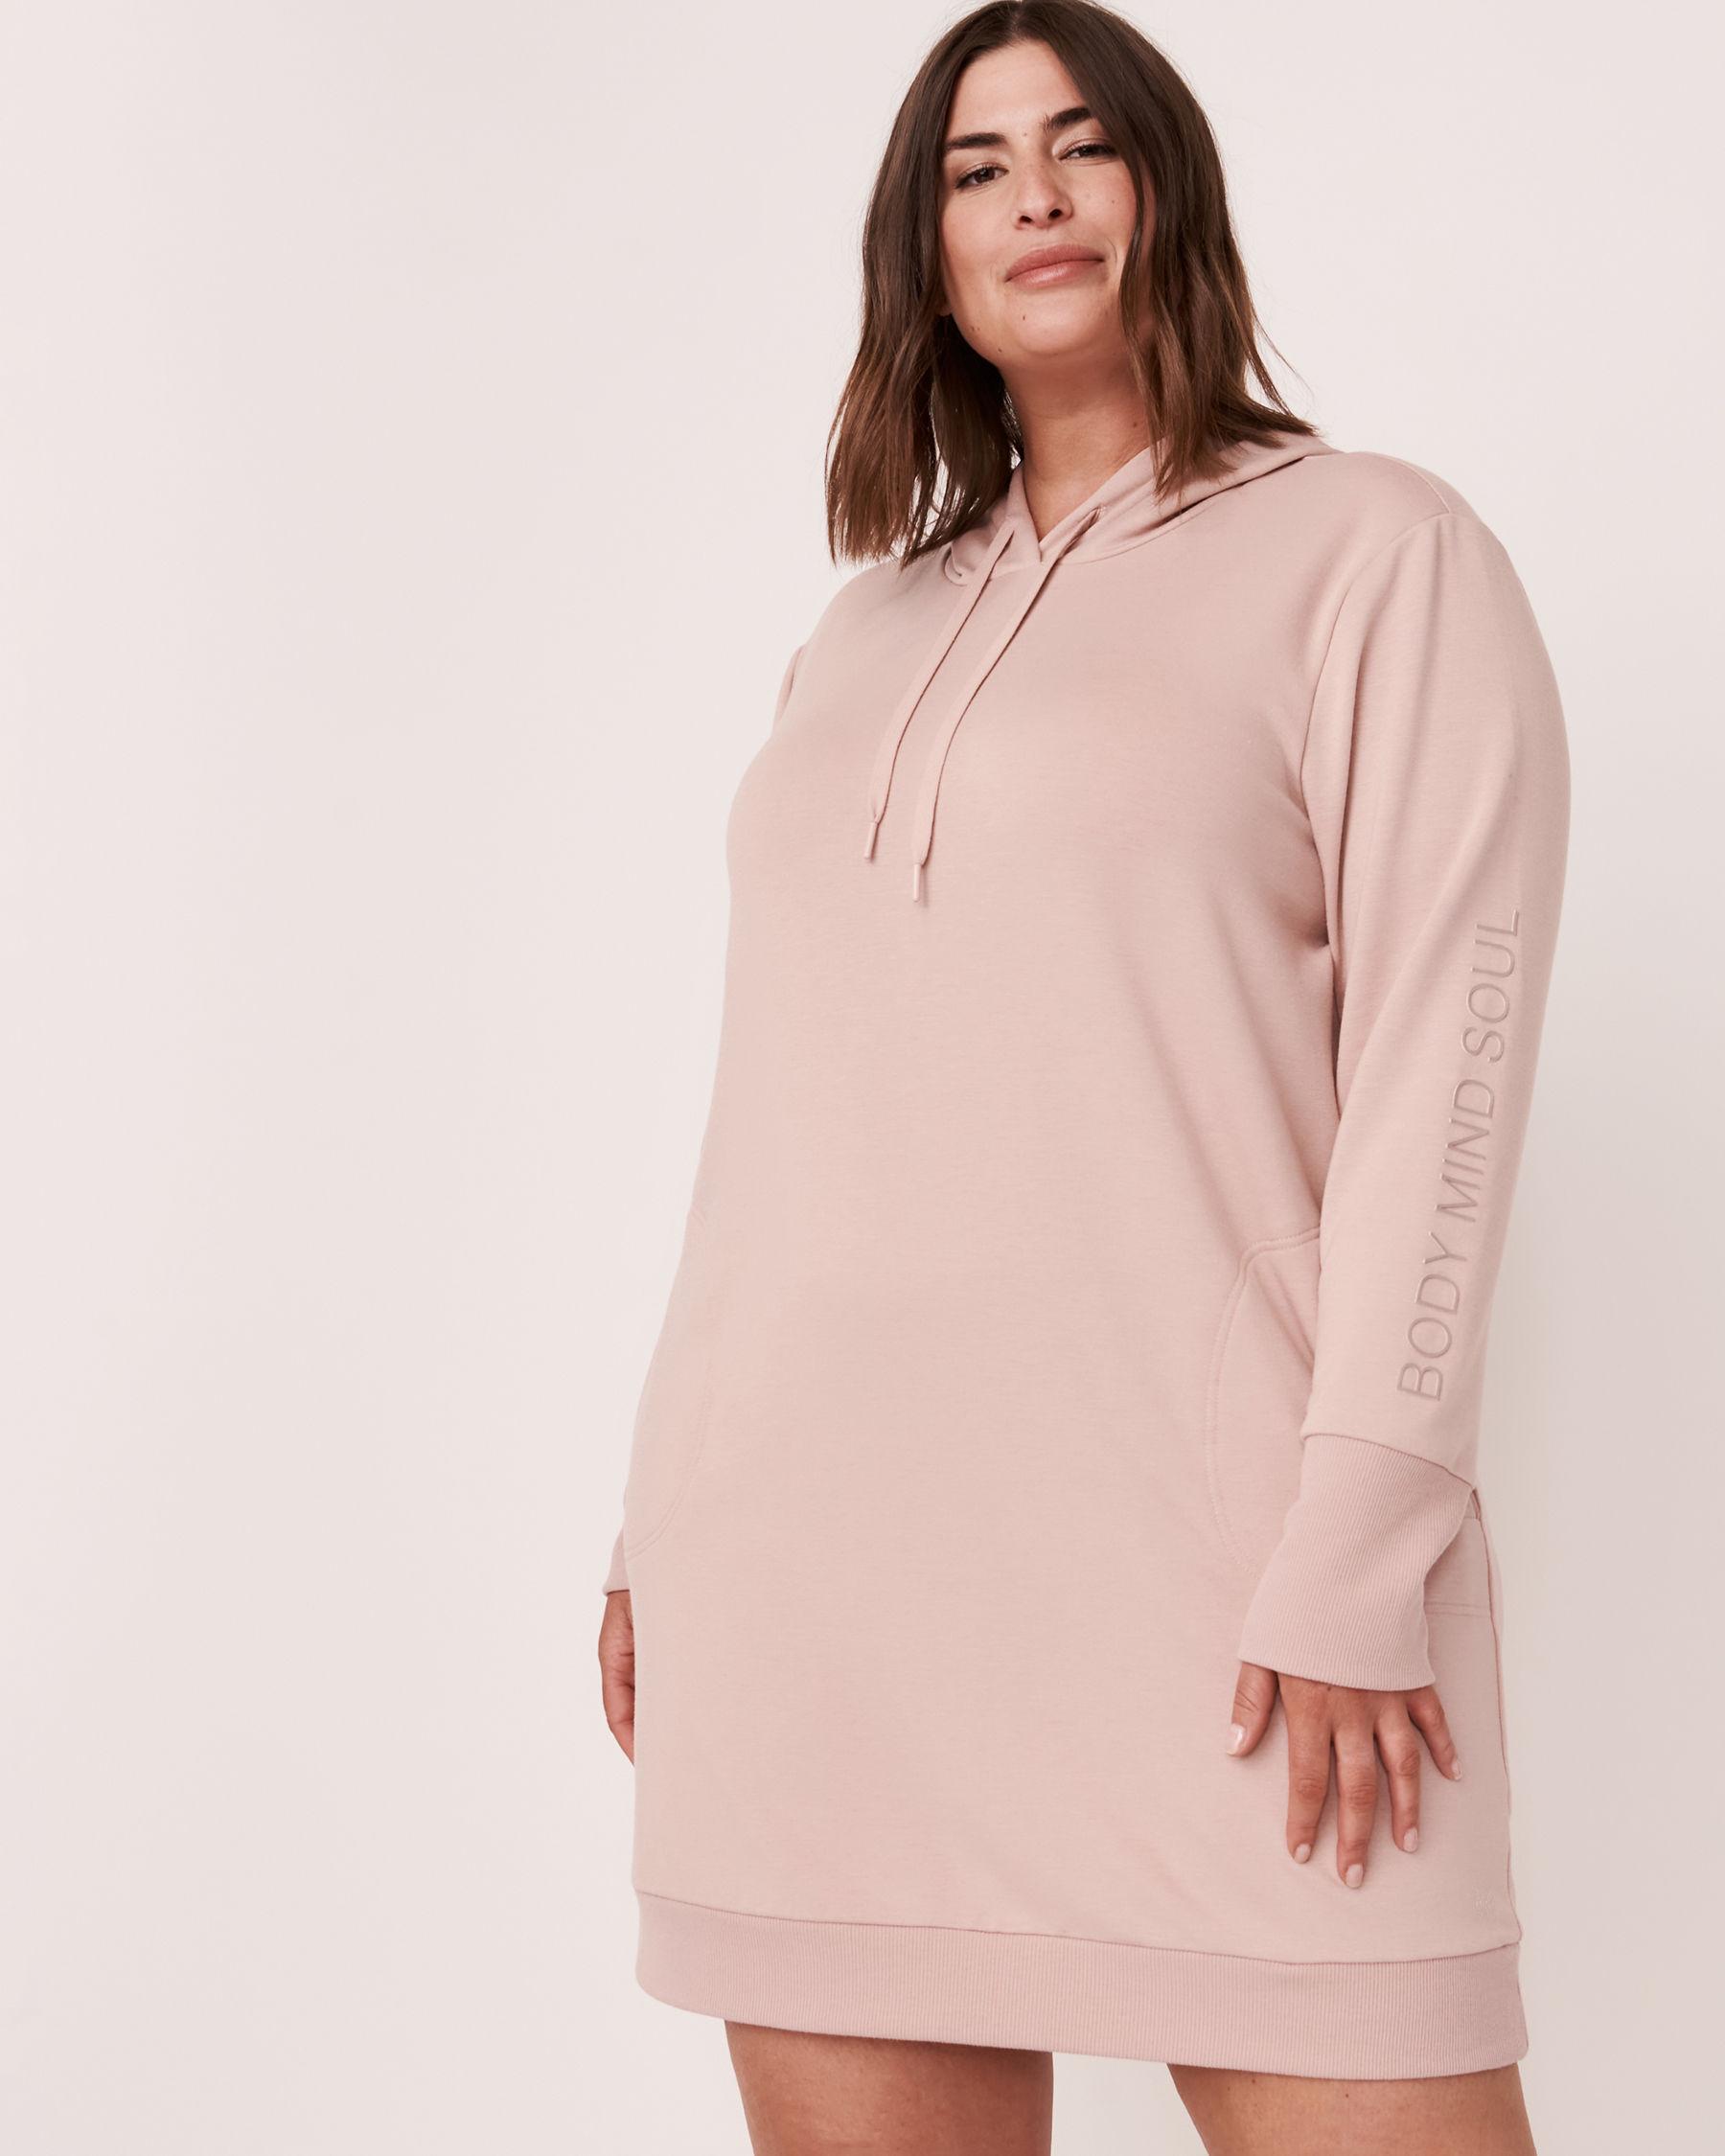 LA VIE EN ROSE Robe manches longues à capuchon Ombre grise 50400007 - Voir4